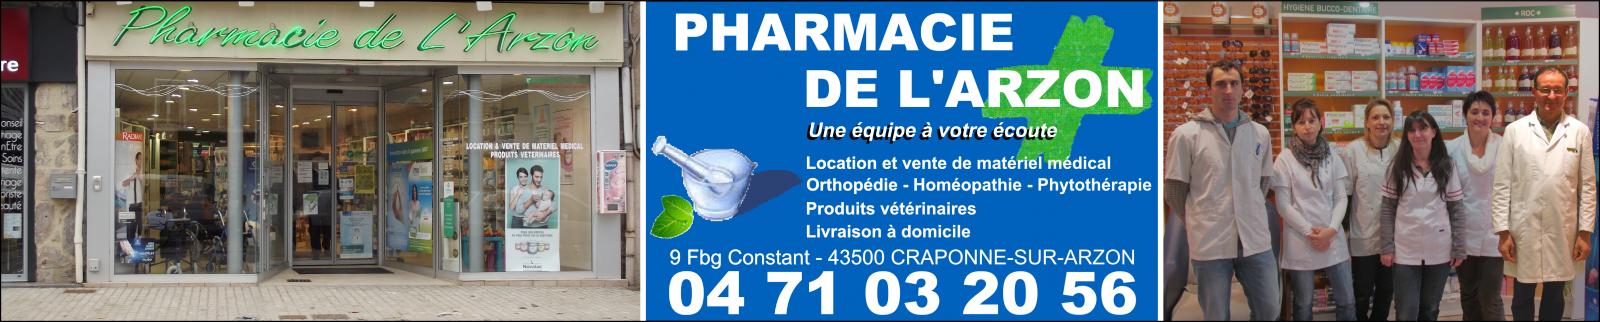 COS_PharmacieDel'Arzon